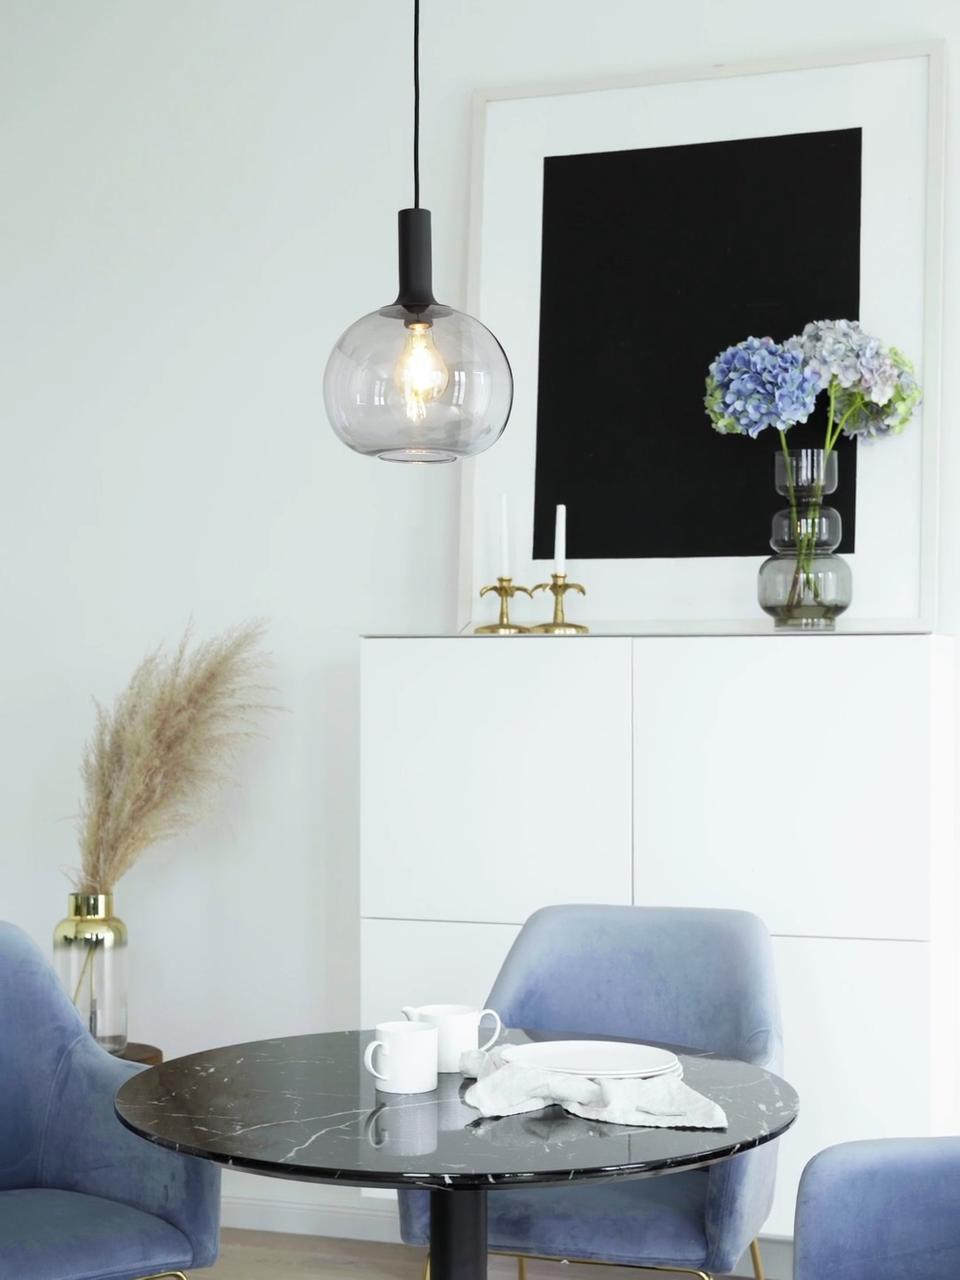 Kleine Pendelleuchte Alton aus Rauchglas, Lampenschirm: Glas, Baldachin: Metall, beschichtet, Schwarz, Grau, transparent, Ø 25 x H 33 cm